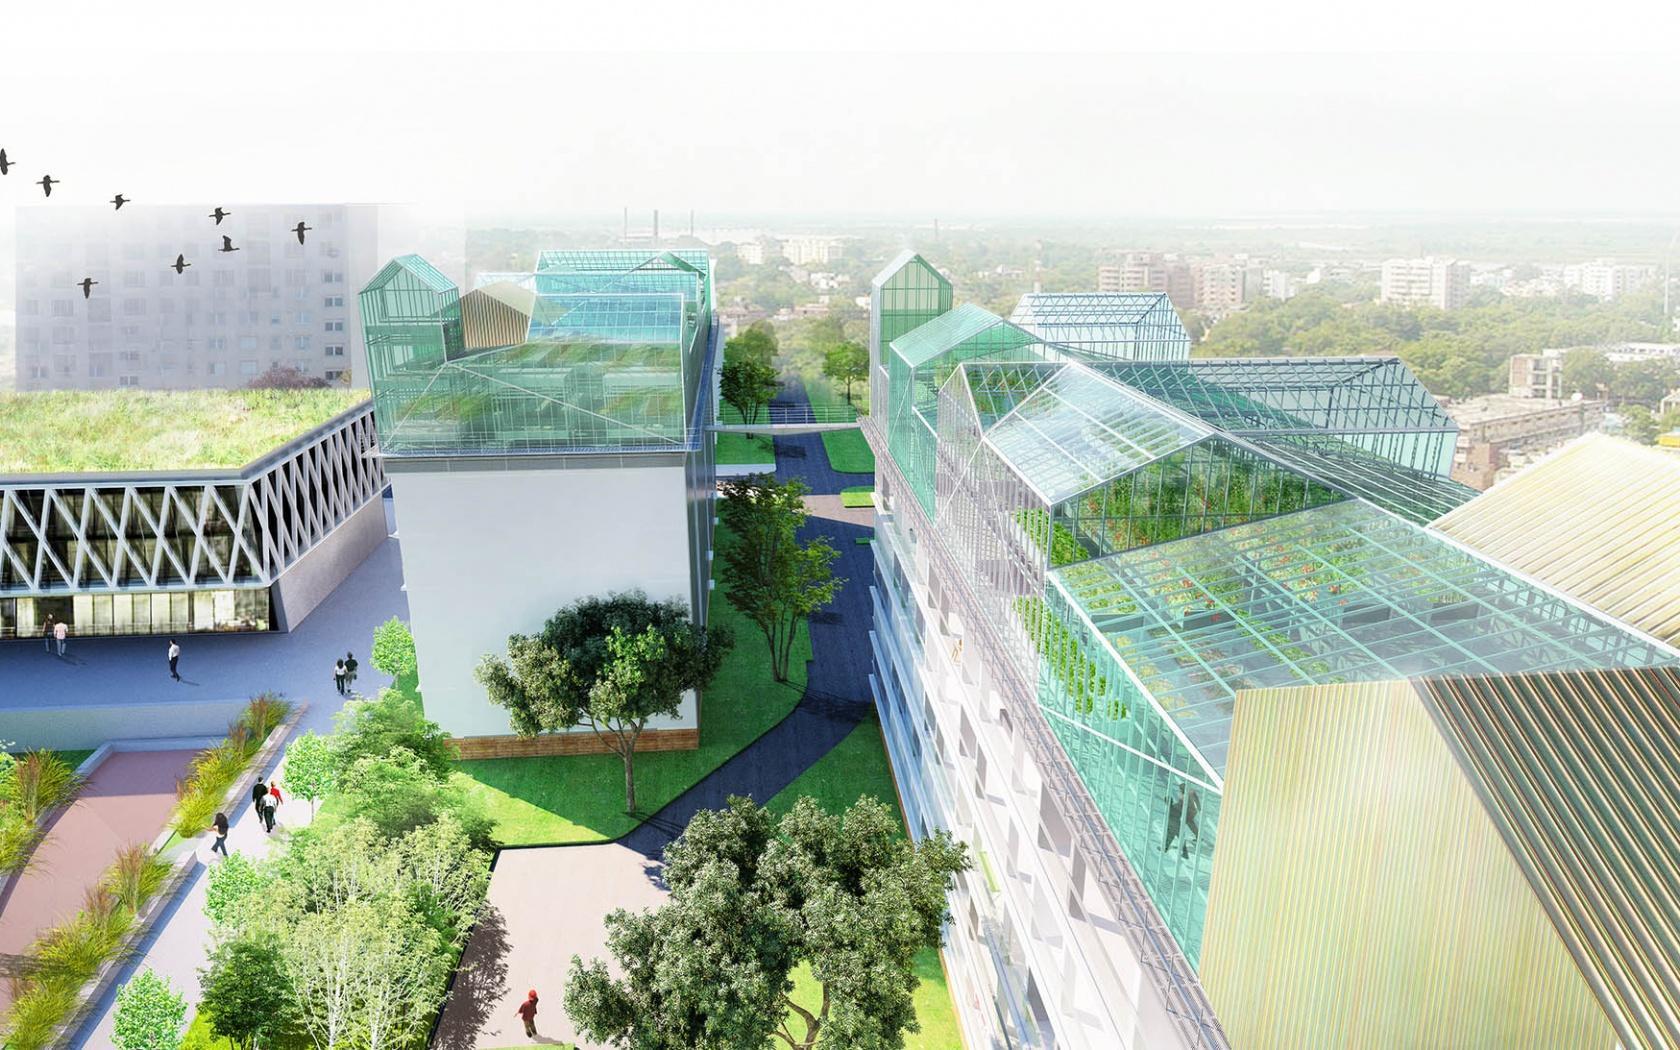 ferme-agricole-toit-batiment-architecture